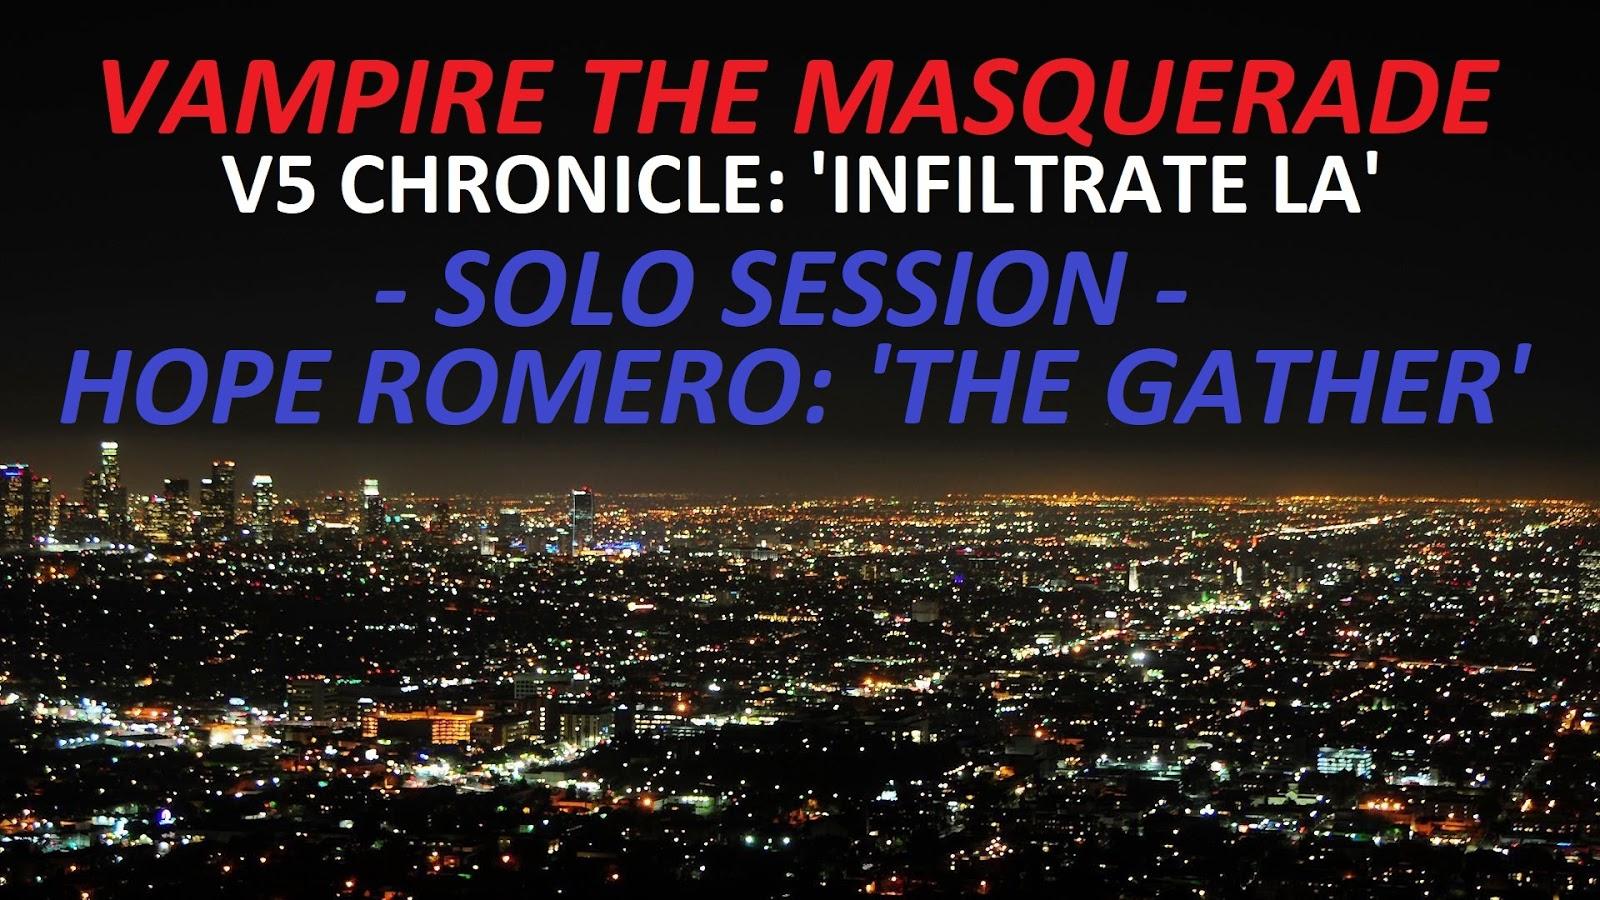 GMorts Chaotica: Vampire the Masquerade V5 - Solo Session - The Gather